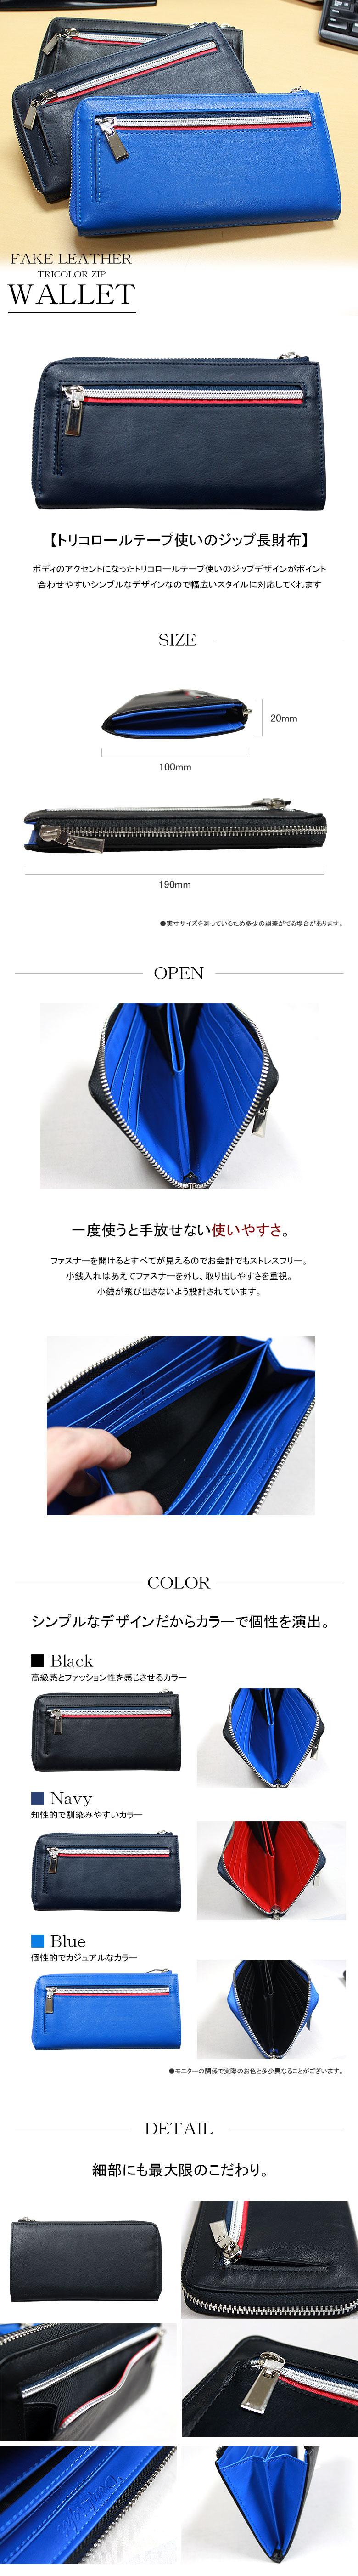 財布 通販 トリコロールジップ ロングウォレットブラック・ネイビー・ブルー合成皮革